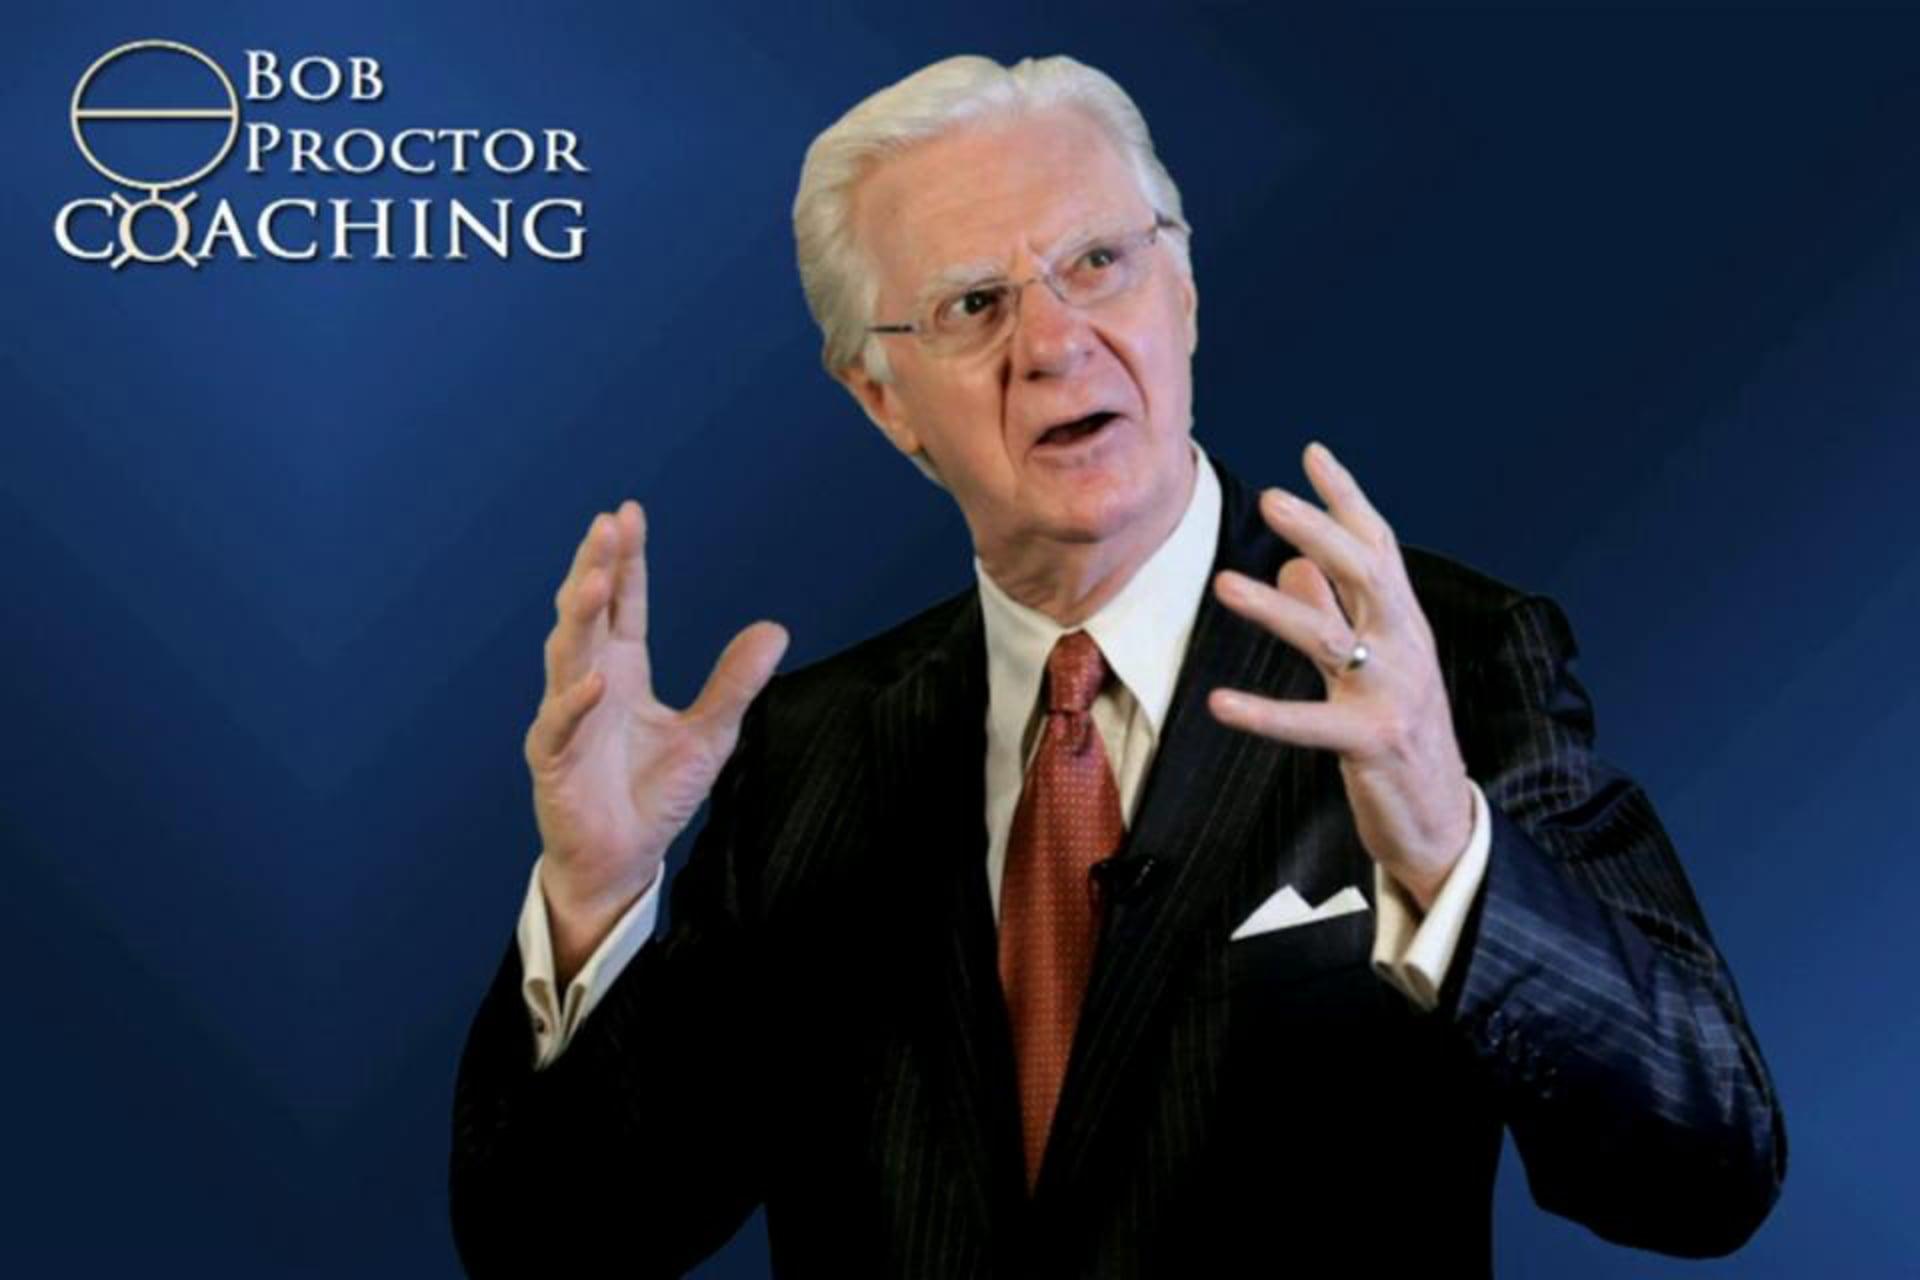 Bob Proctor – Coaching